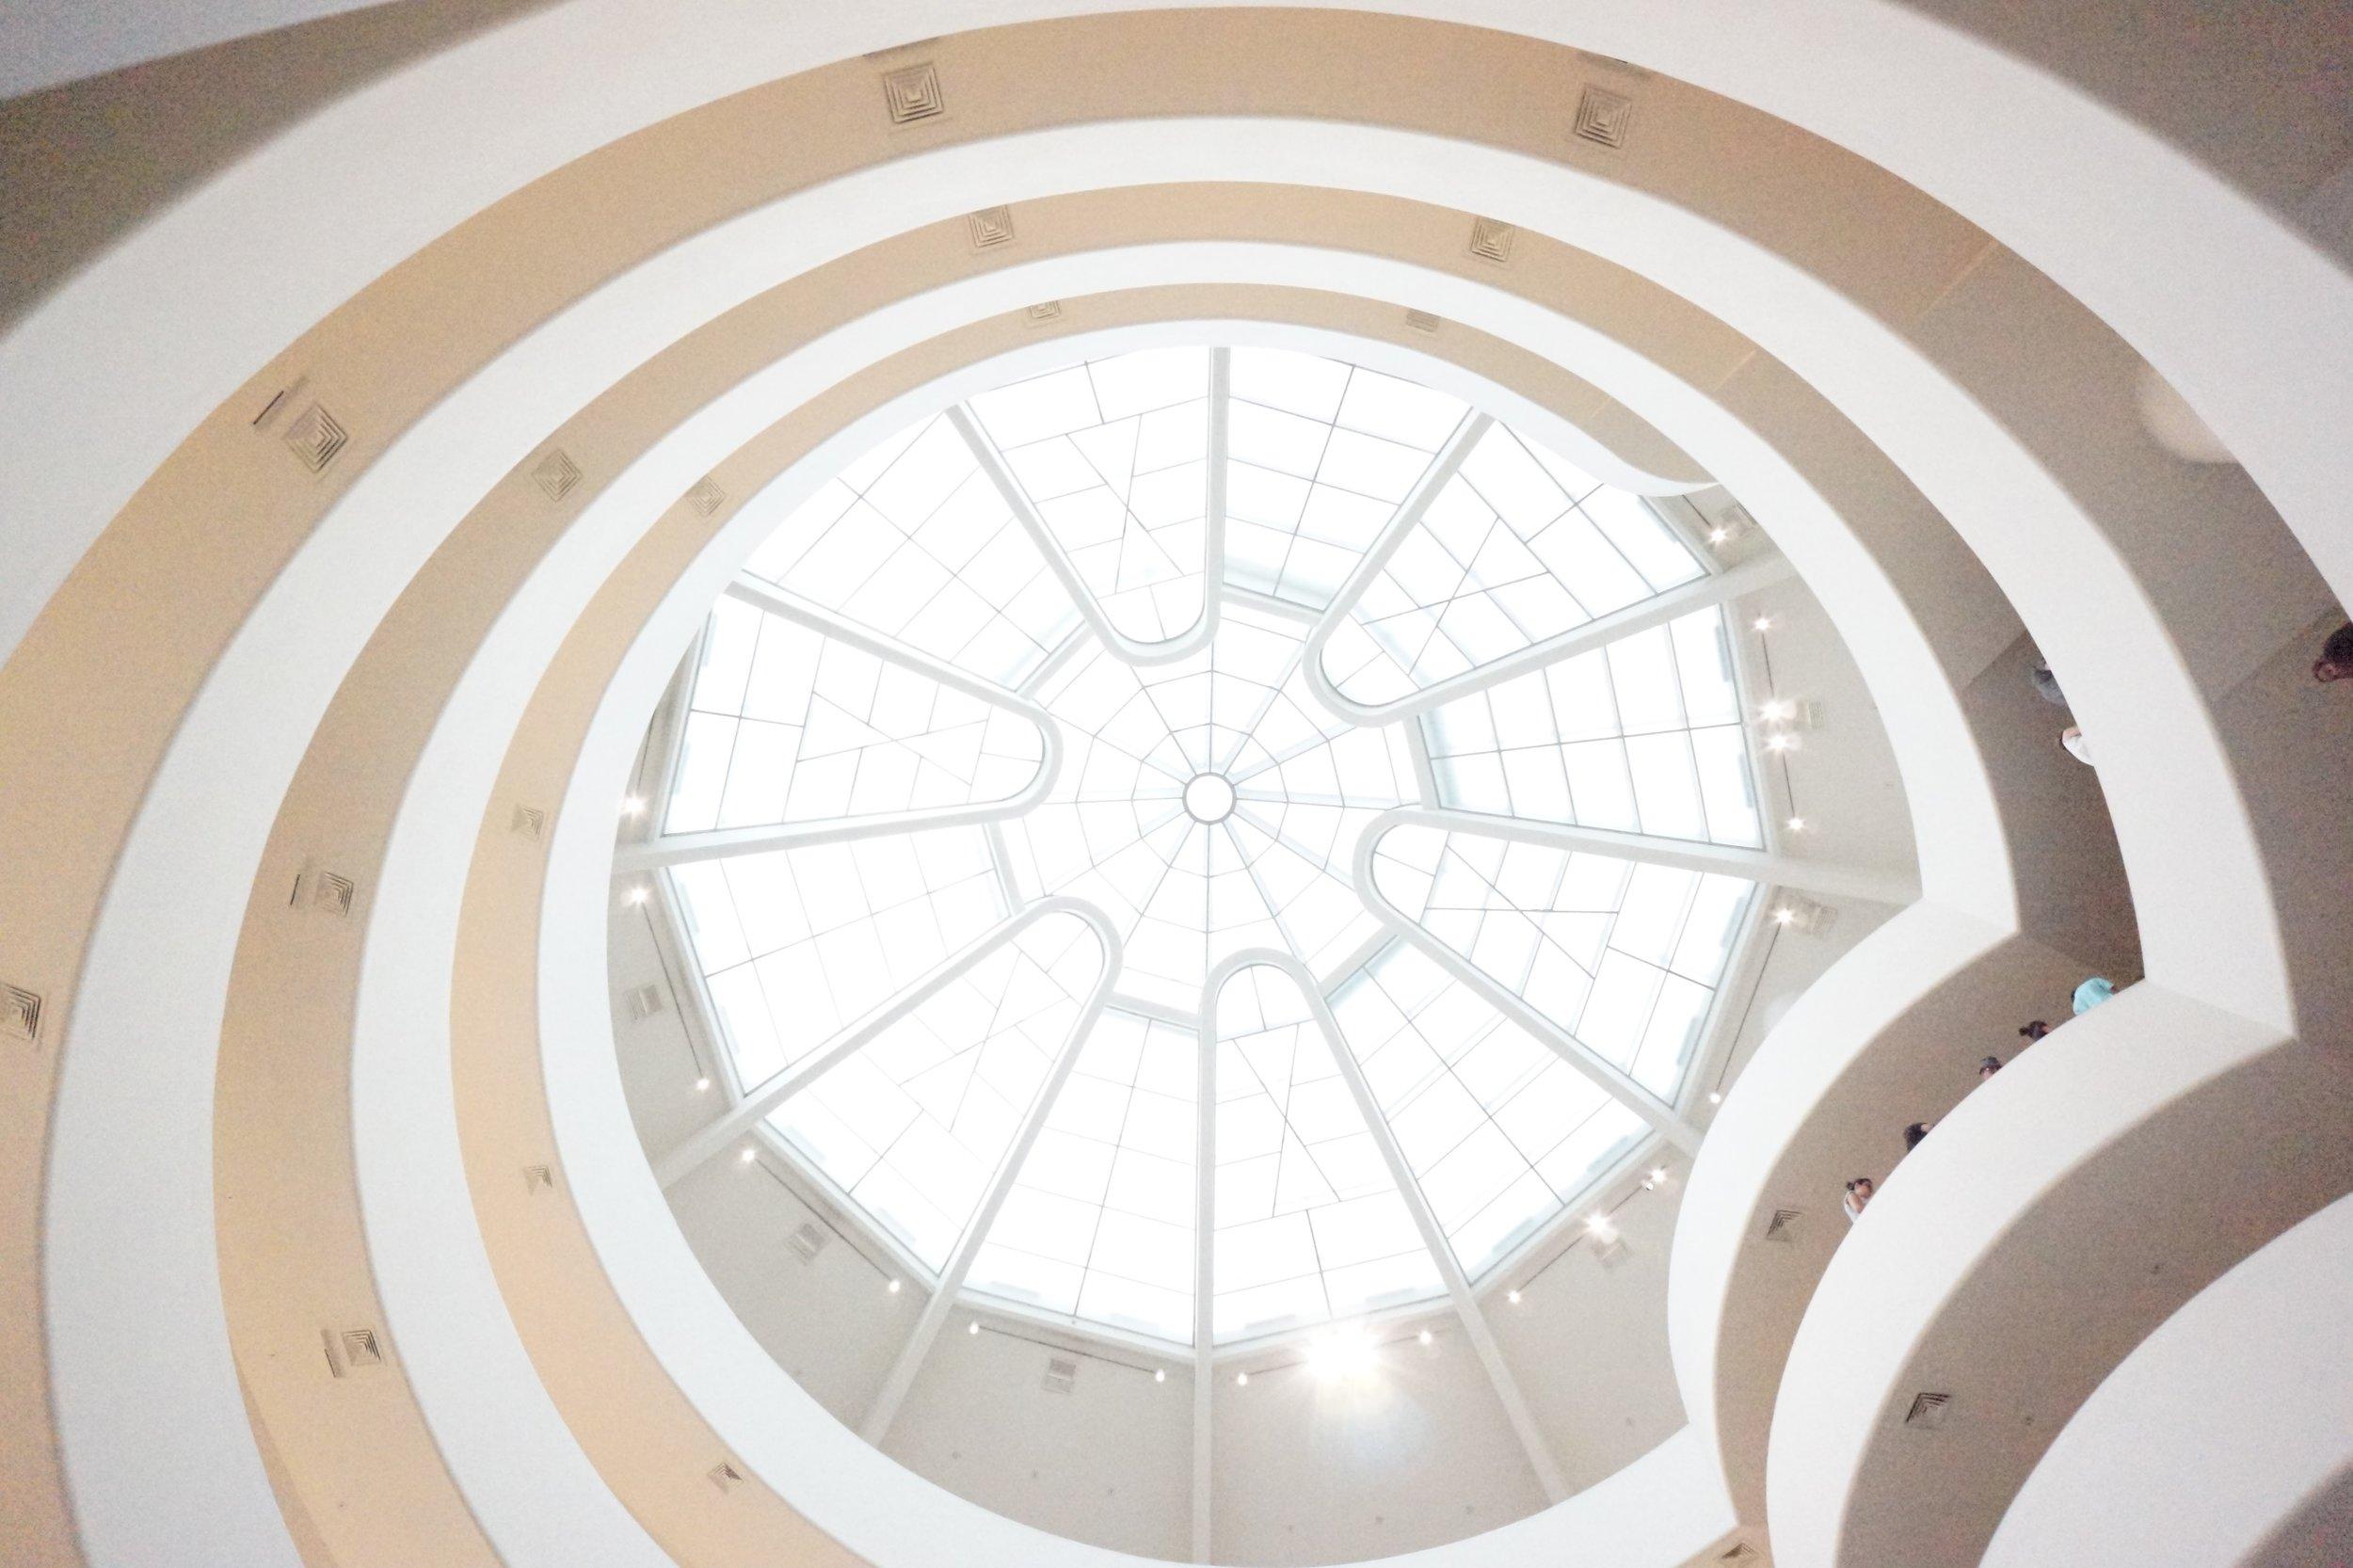 The Guggenheim itself is a work of art. Art within art. Artception?